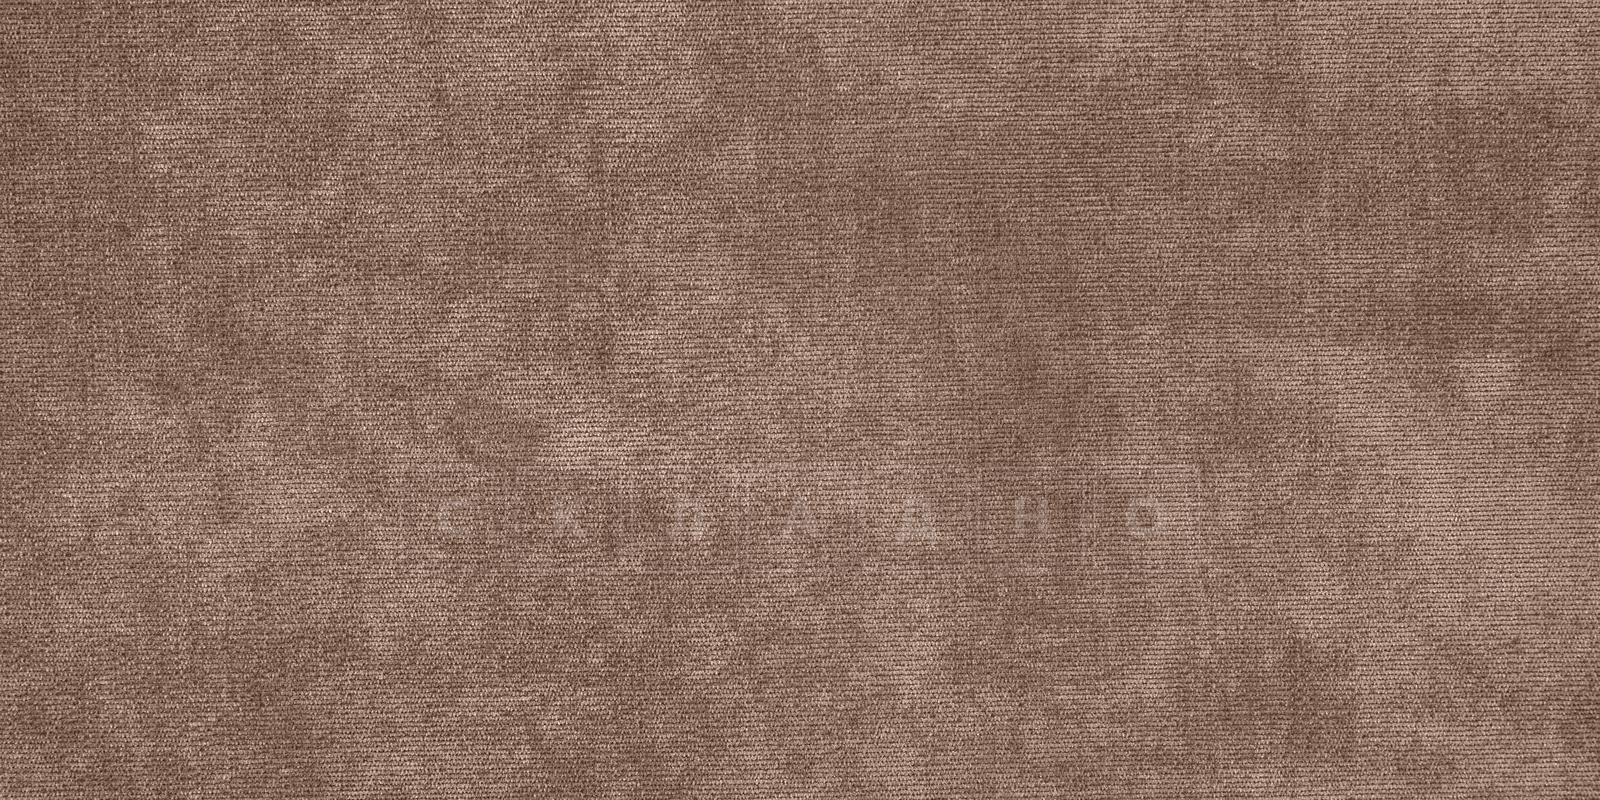 Угловой диван Атланта вельвет светло-коричневый фото 6 | интернет-магазин Складно